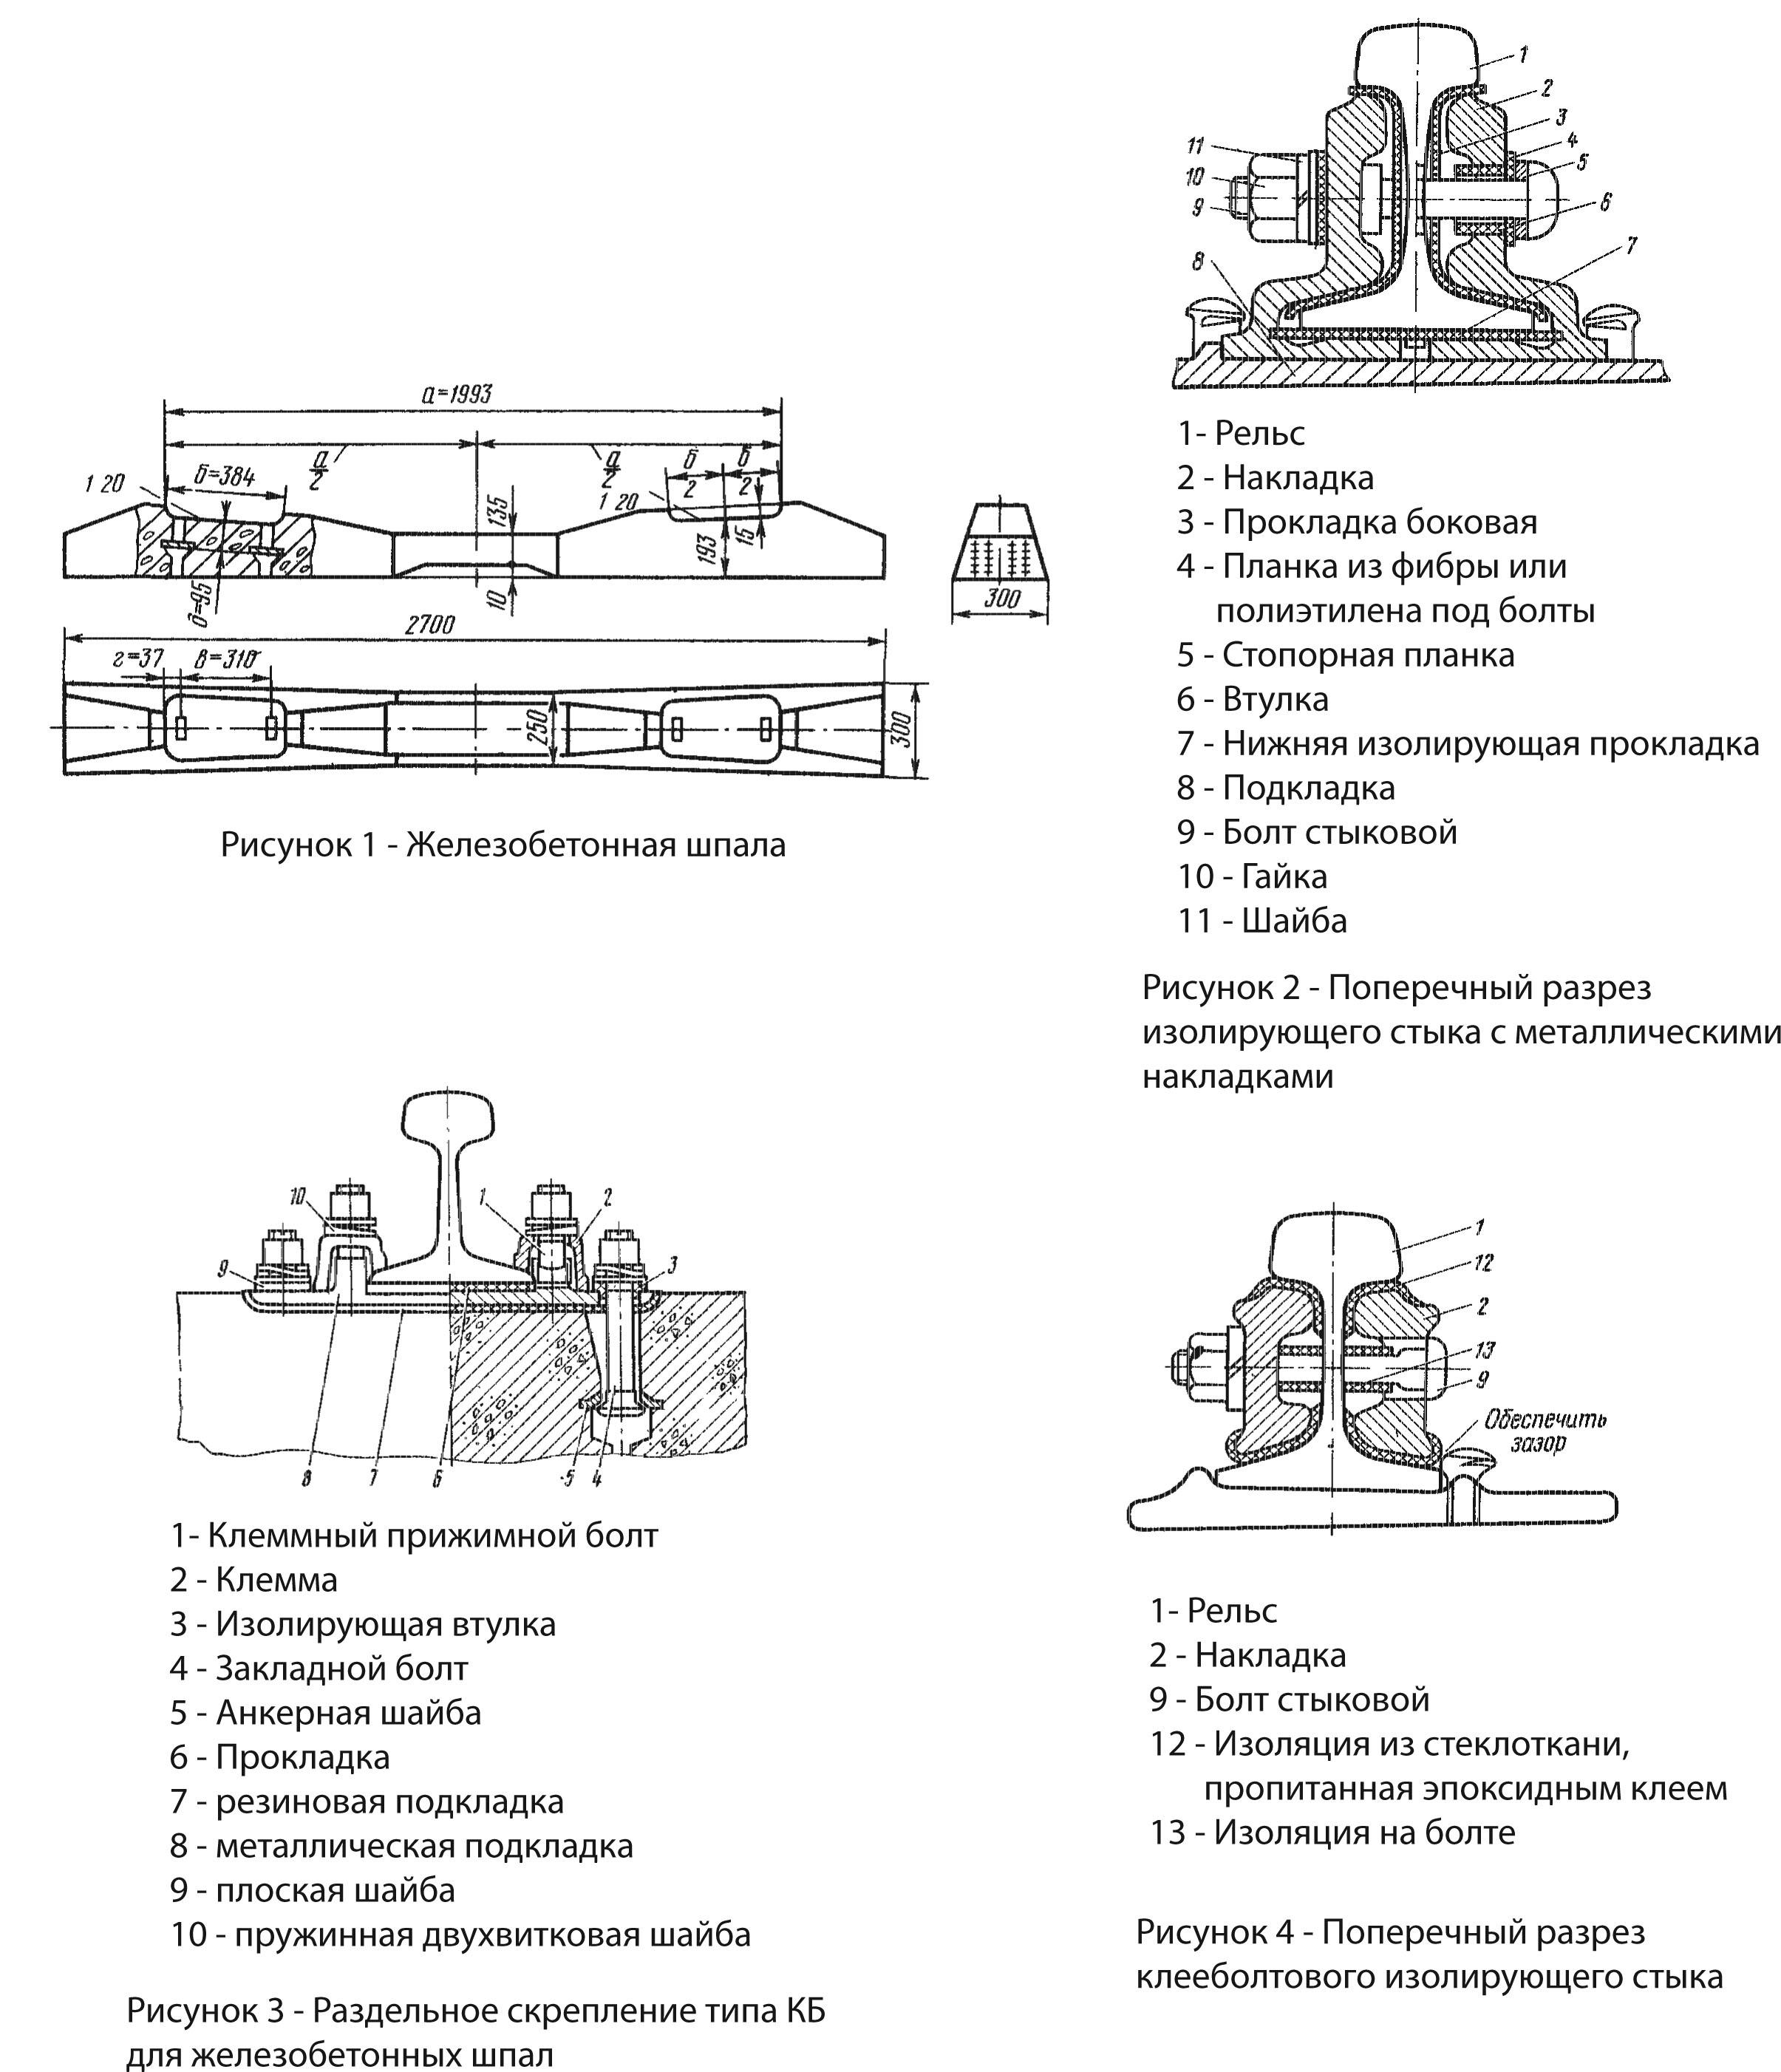 Автоматика и телемеханика на железнодорожном транспорте скачать